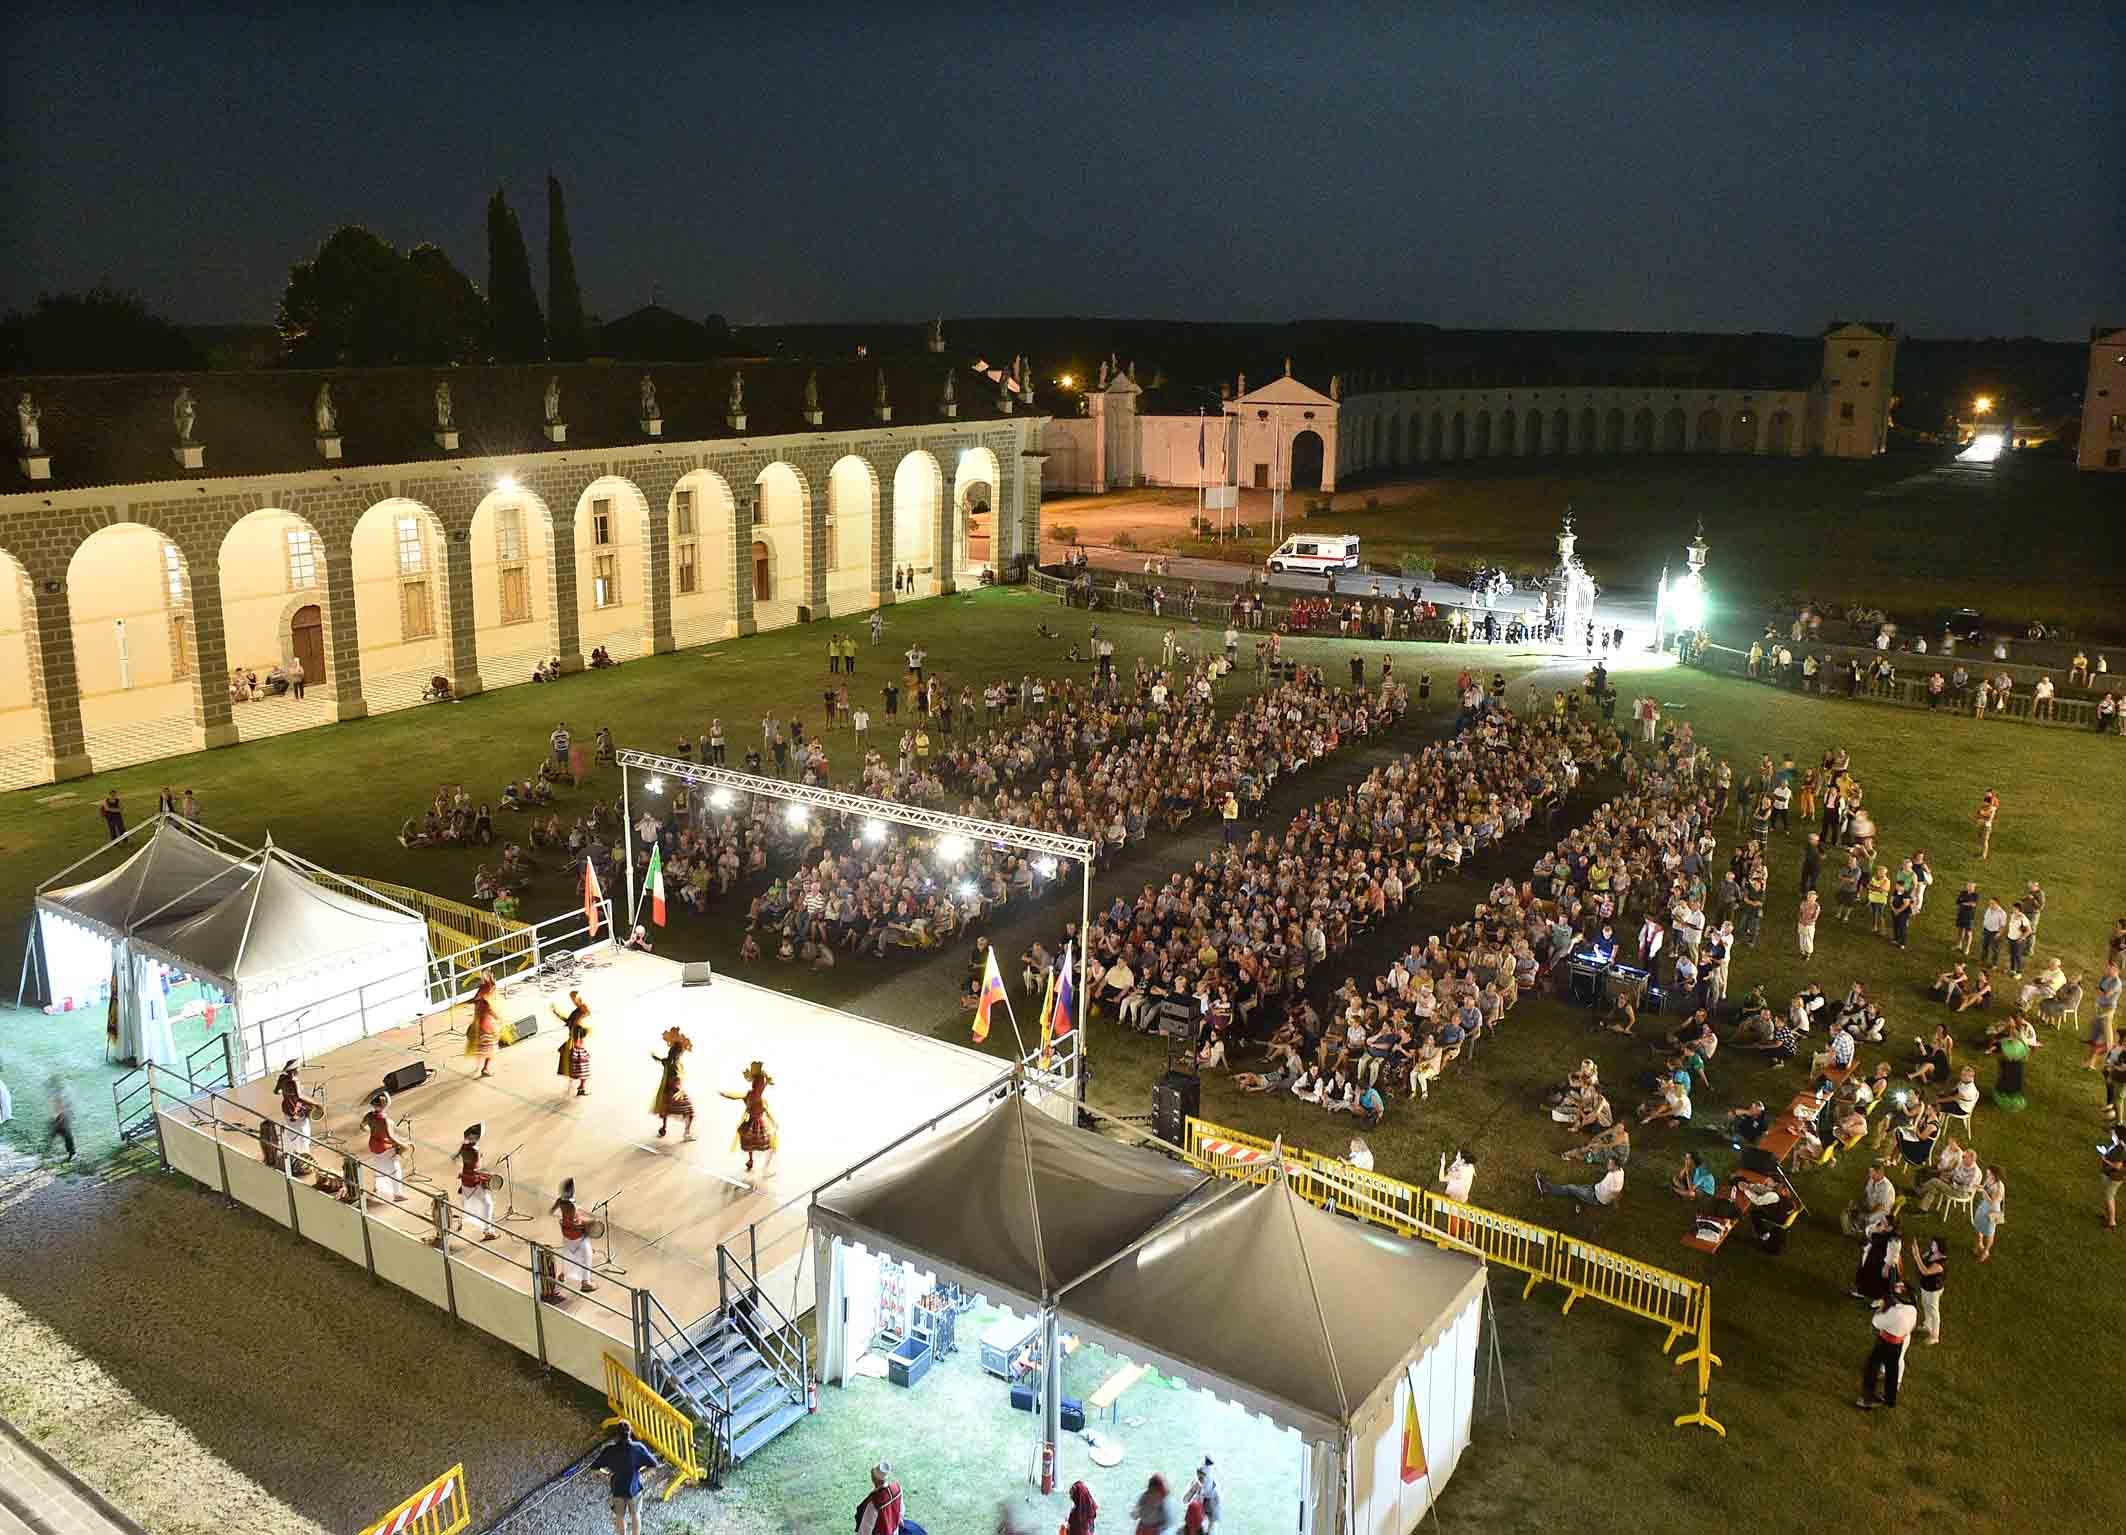 Successo per folklore mondiale in villa manin pro loco for Eventi oggi fvg